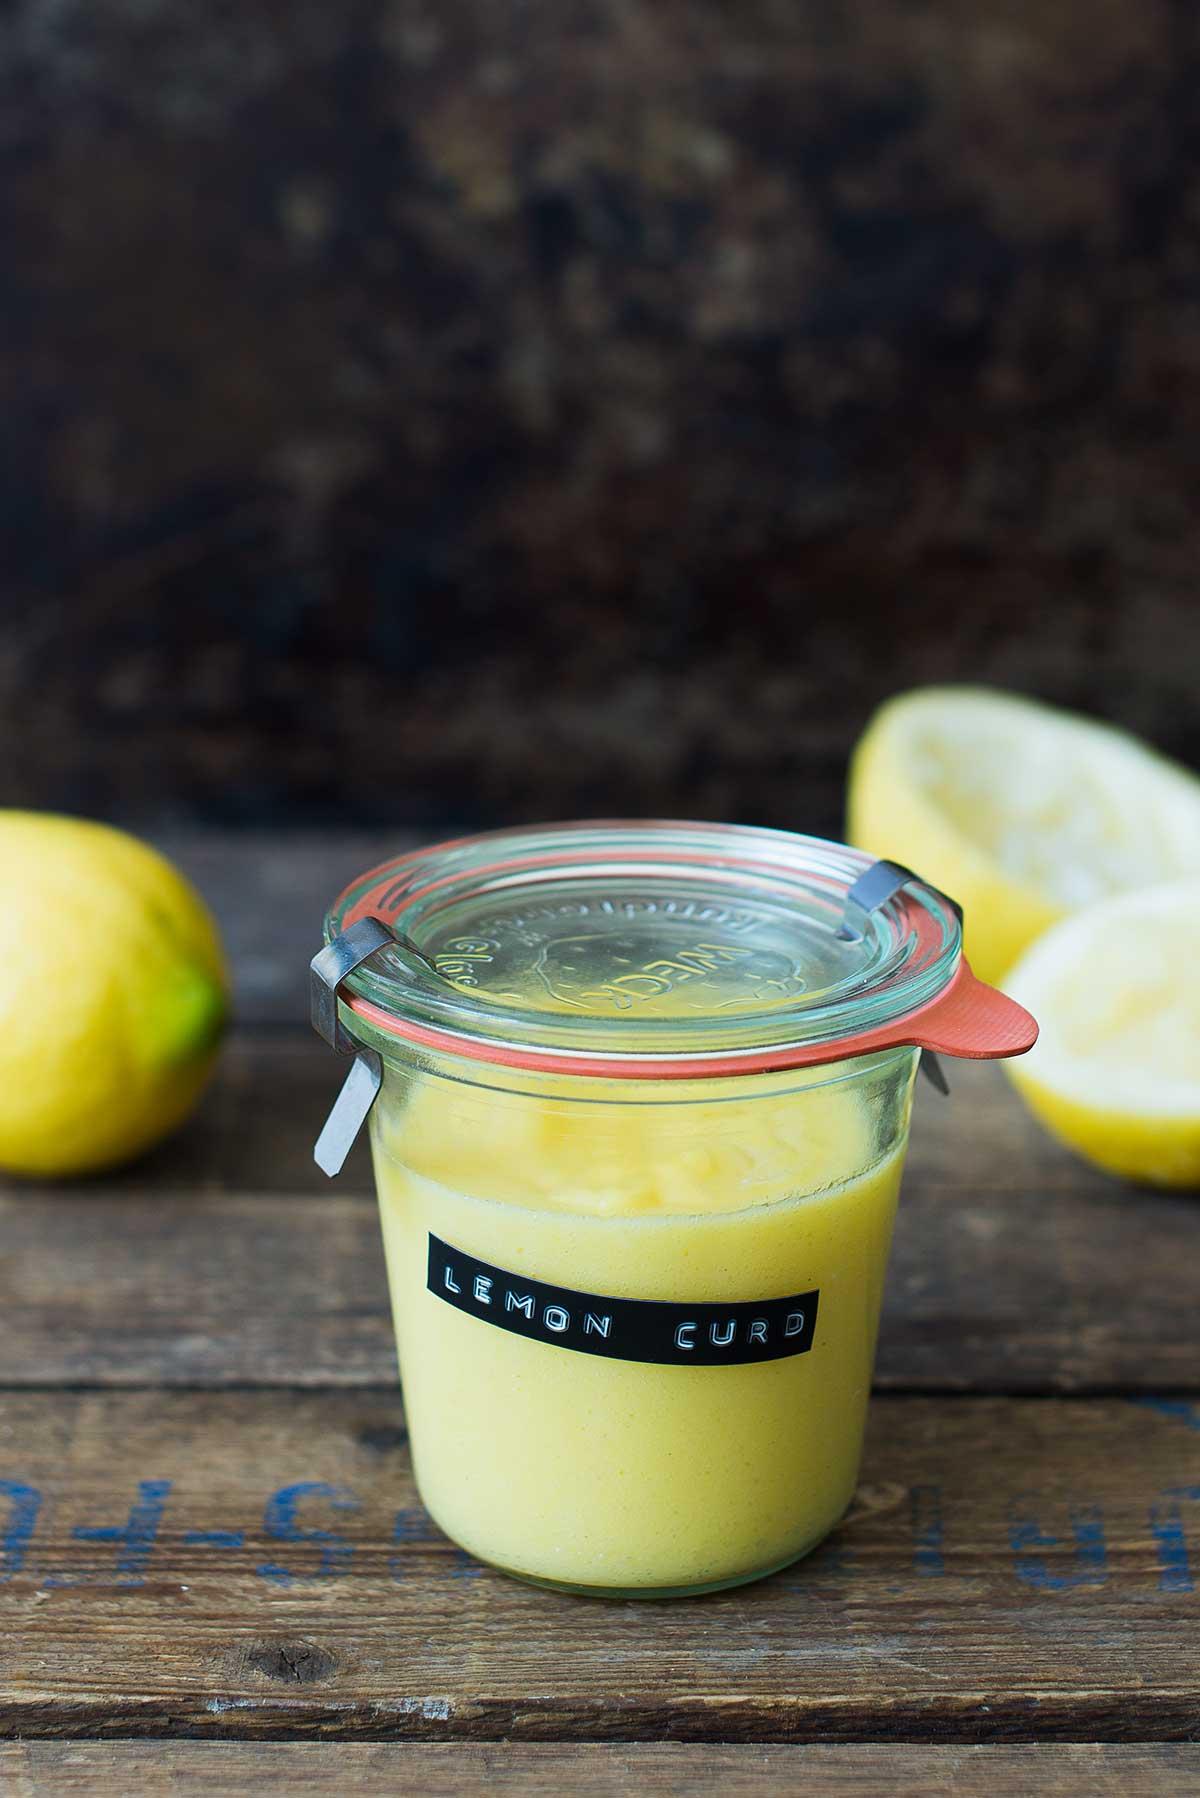 Opskrift: Lemon curd | Frk. Kræsen